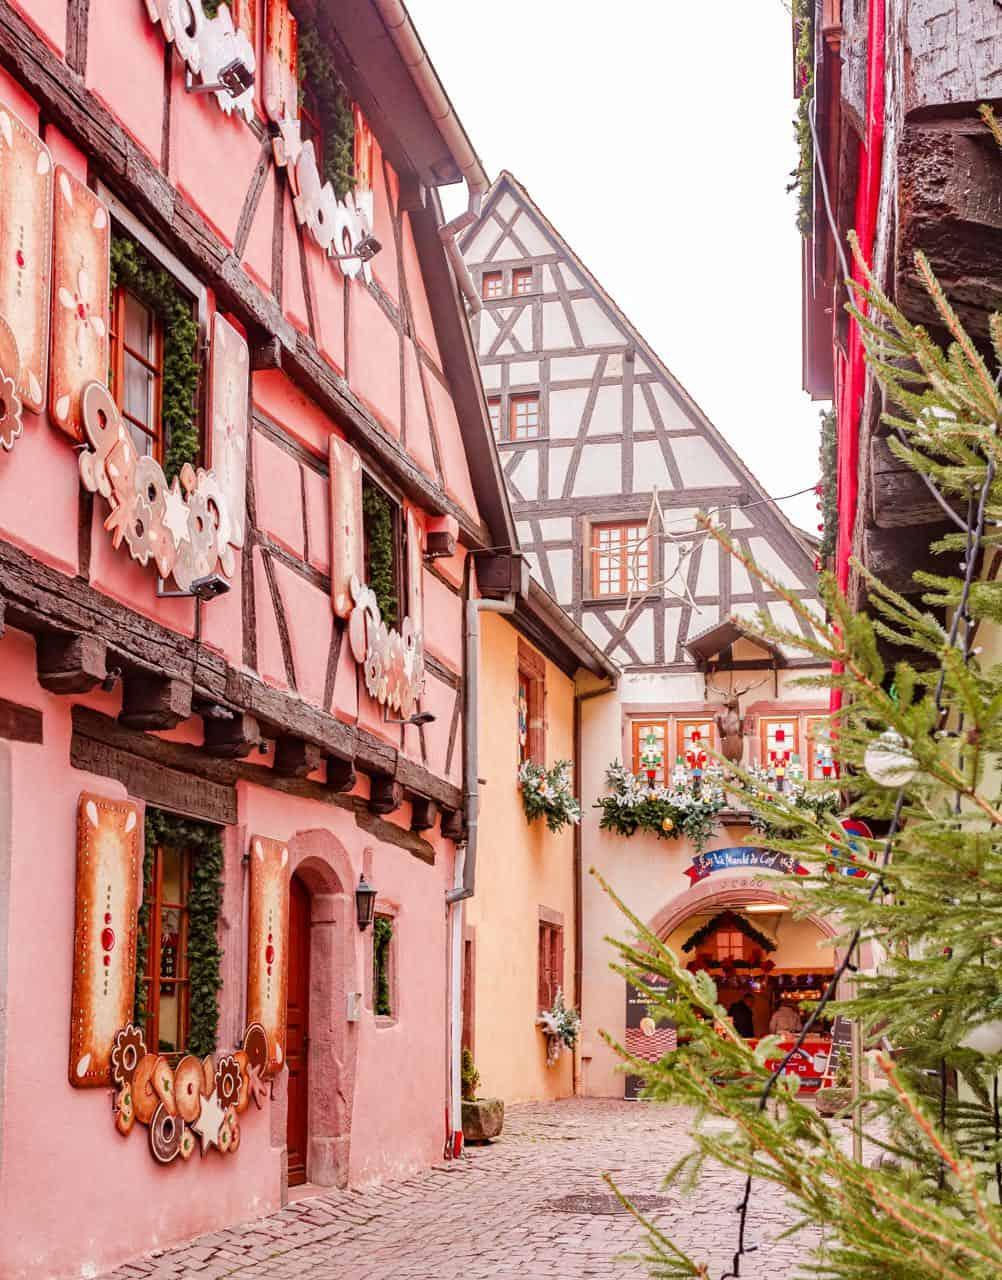 Feerie de Noel in Riquewihr